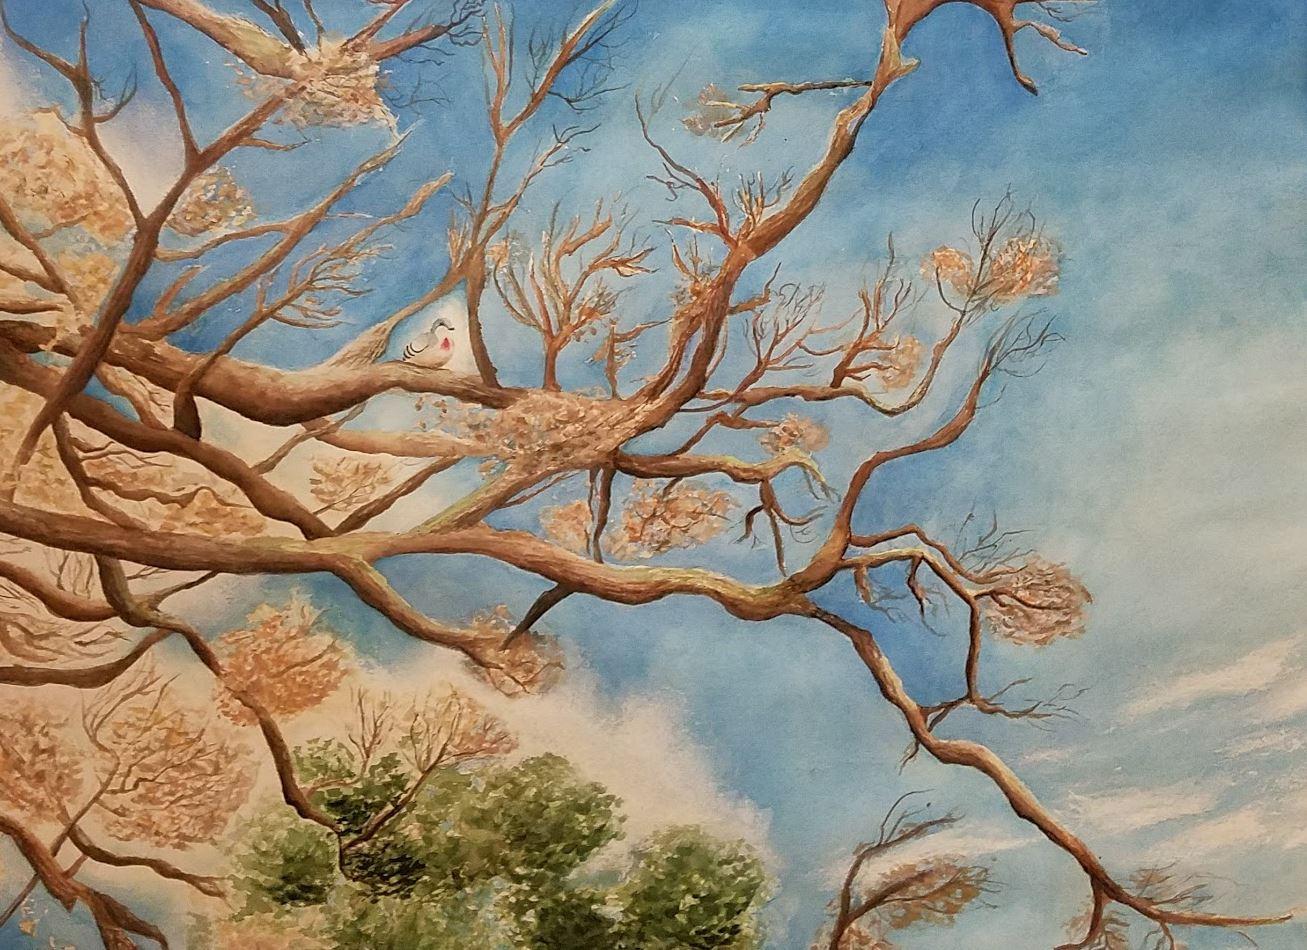 Oak Tree Art Show - Brick Academy